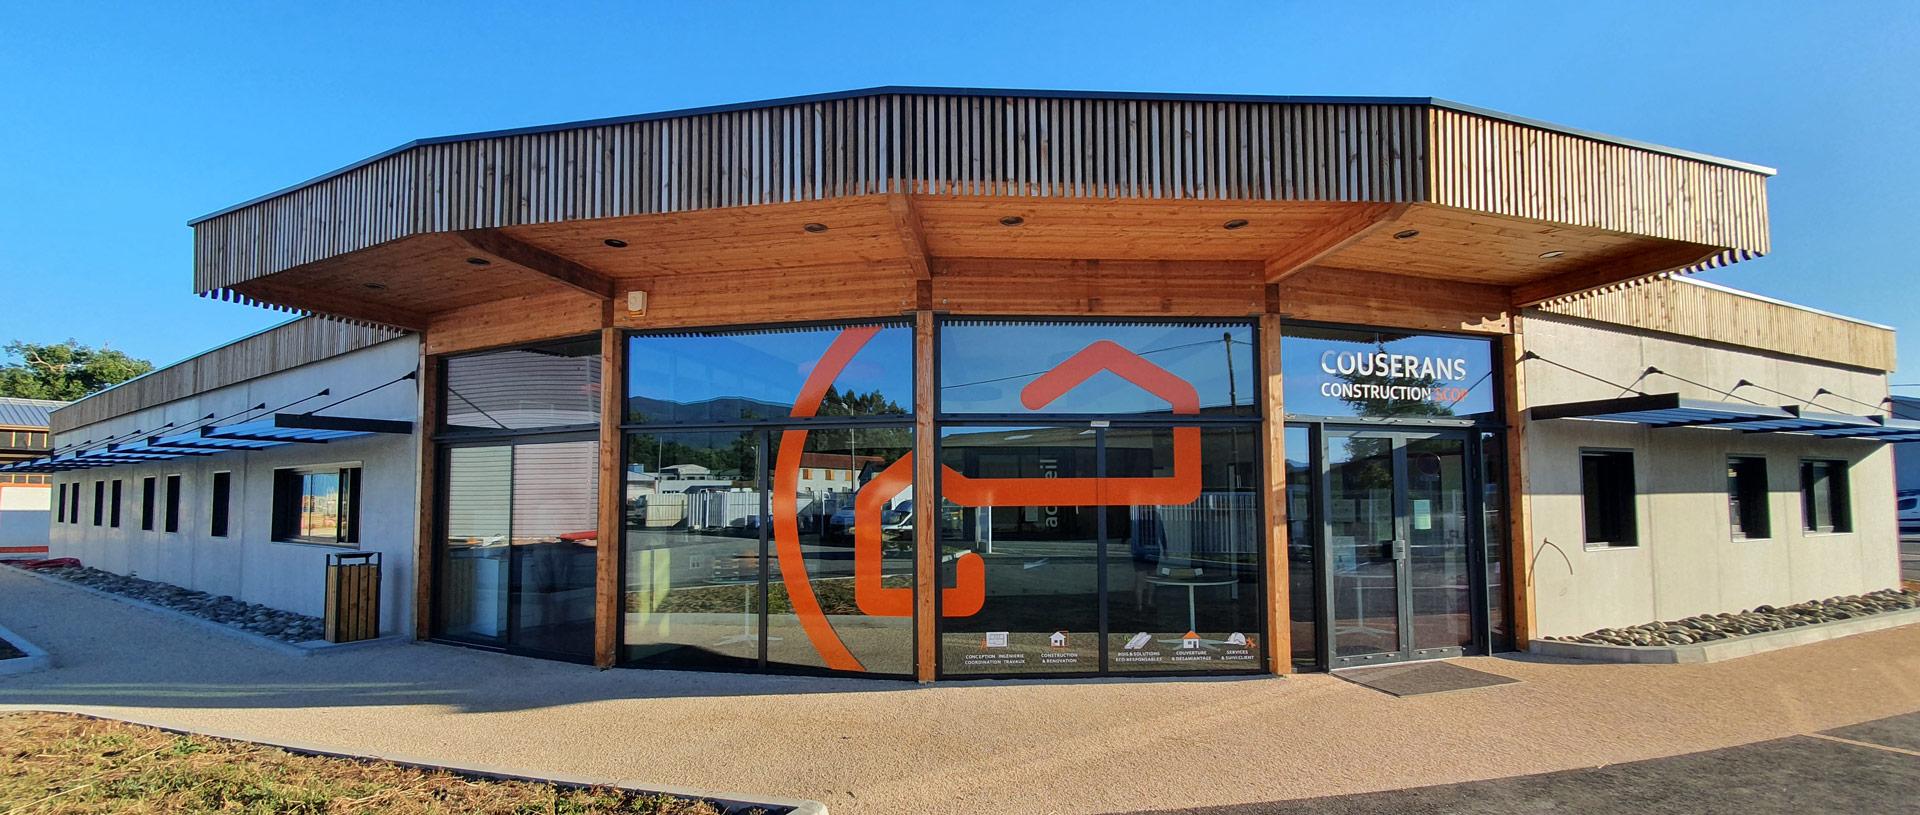 Les nouveaux locaux de Couserans construction